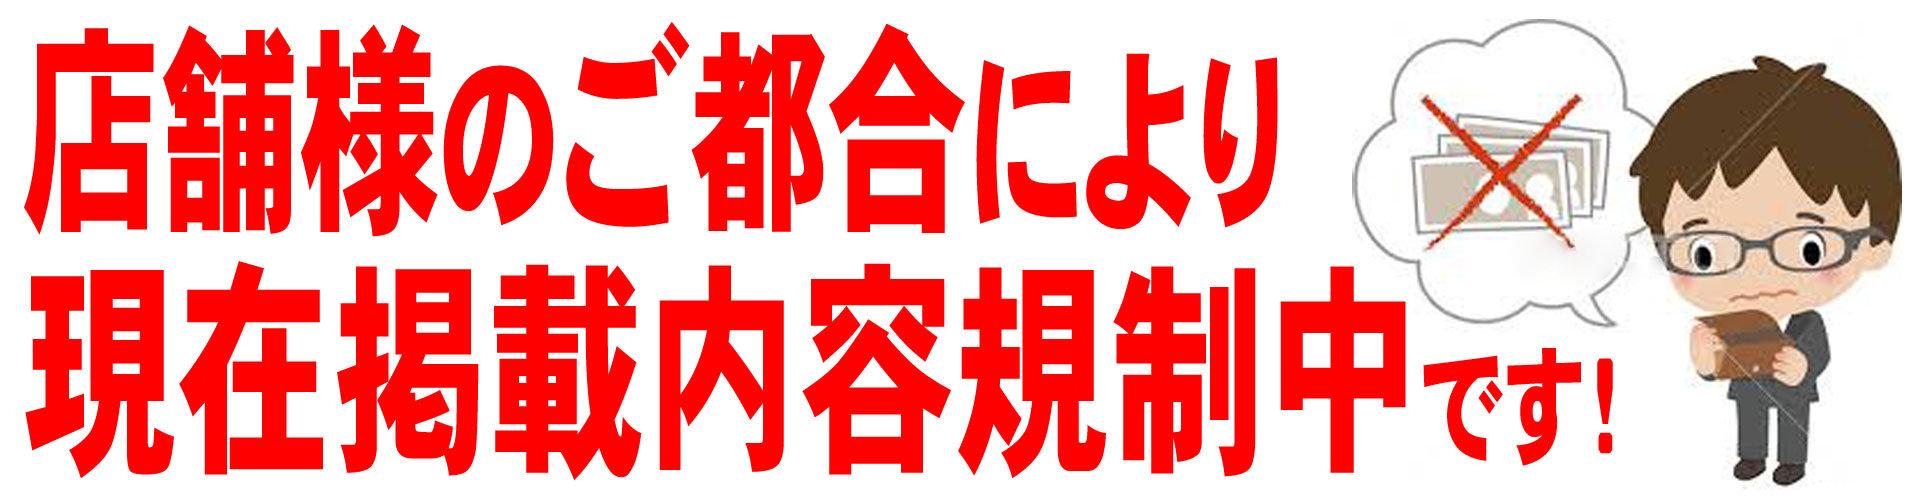 【ルミネ】岐阜│本巣